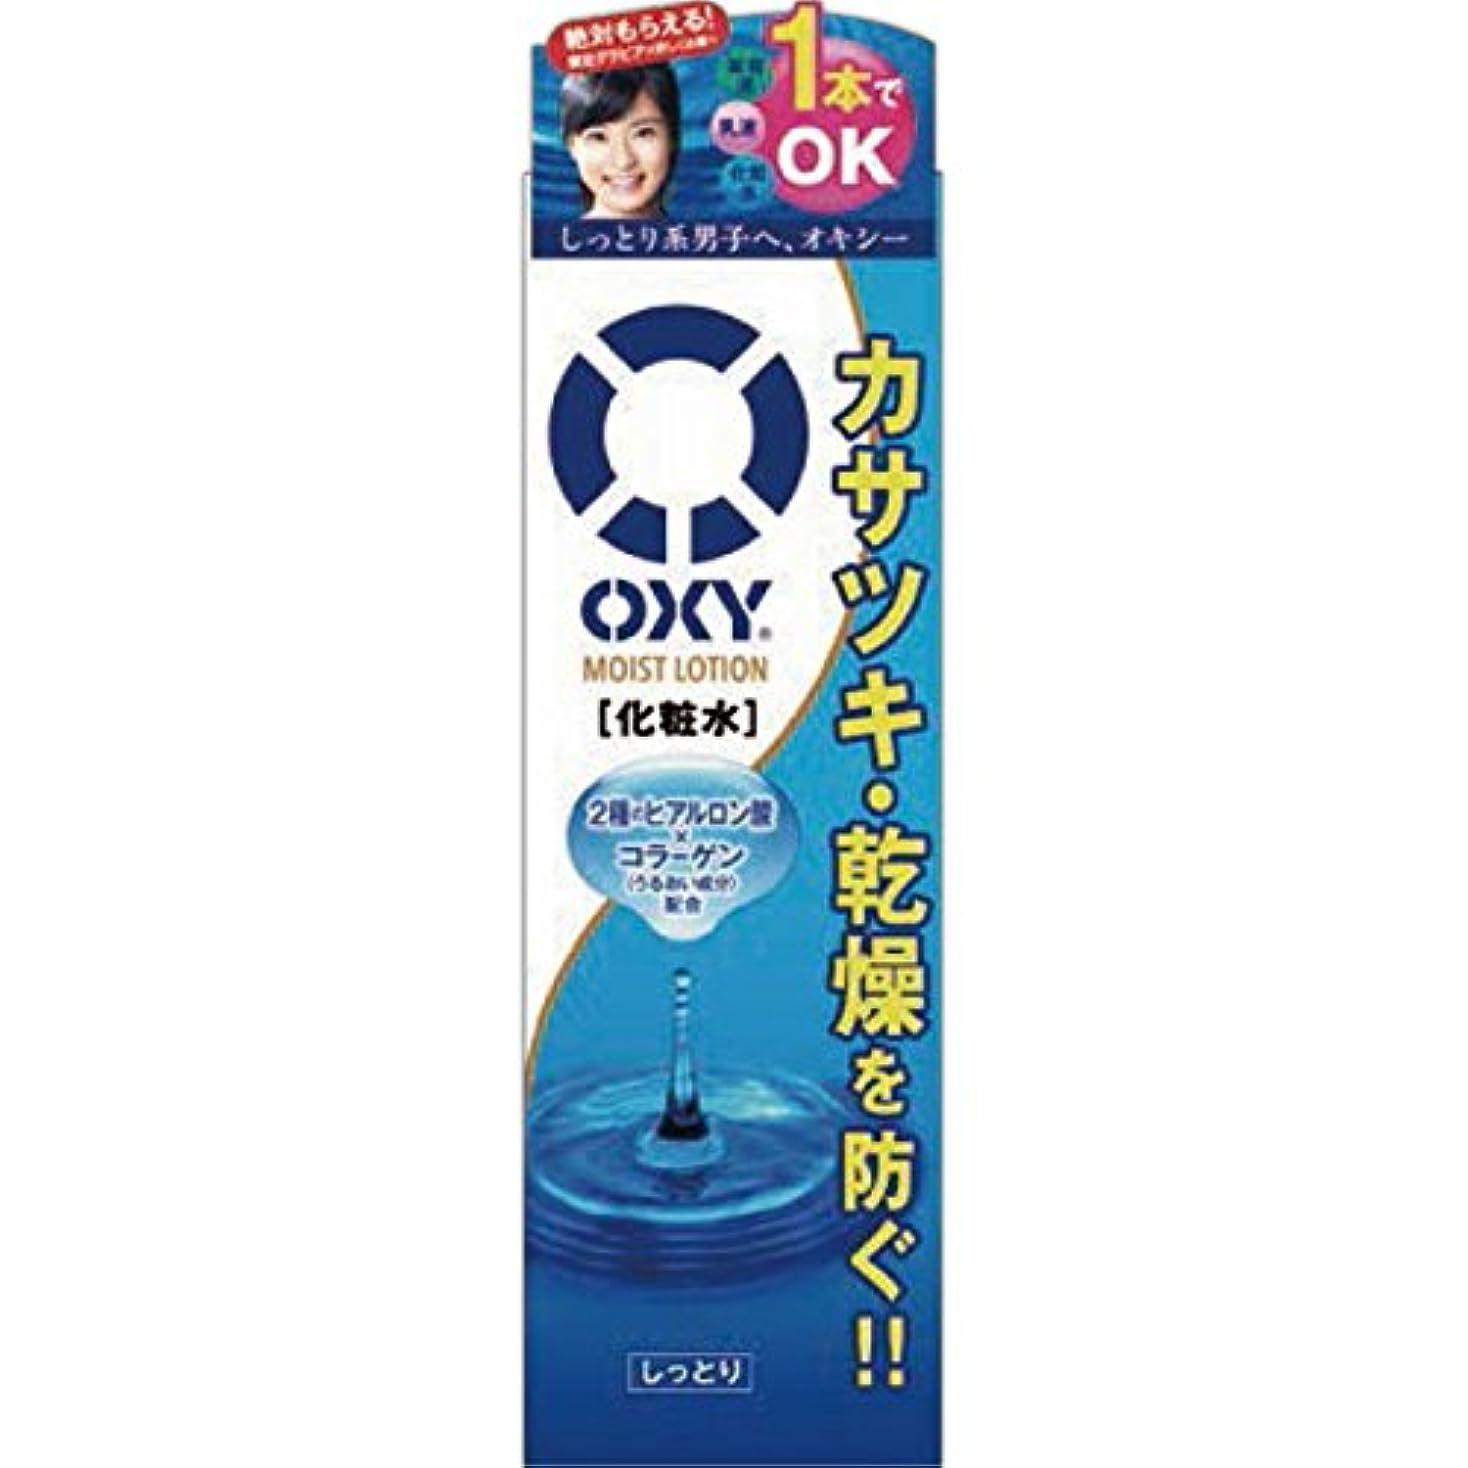 帳面十代ミッションオキシー (Oxy) モイストローション オールインワン化粧水 2種のヒアルロン酸×コラーゲン配合 ゼラニウムの香 170mL